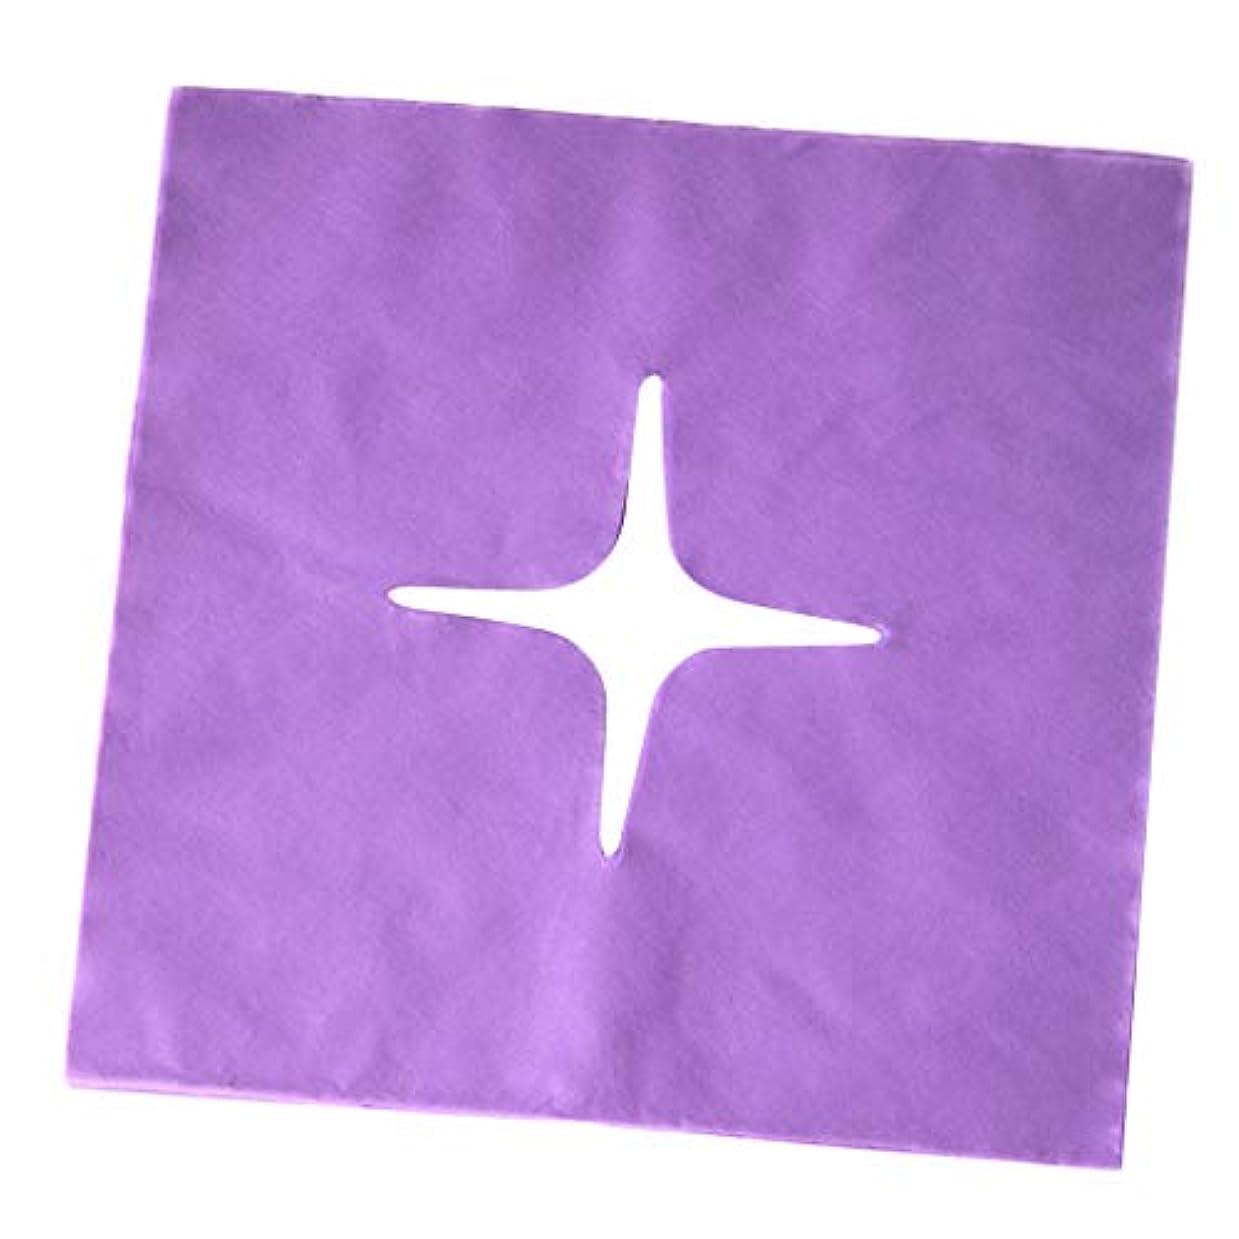 後世特権メタルラインchiwanji マッサージ フェイスクレードルカバー スパ用 美容院 ビューティーサロン マッサージサロン 全3色 - 紫の